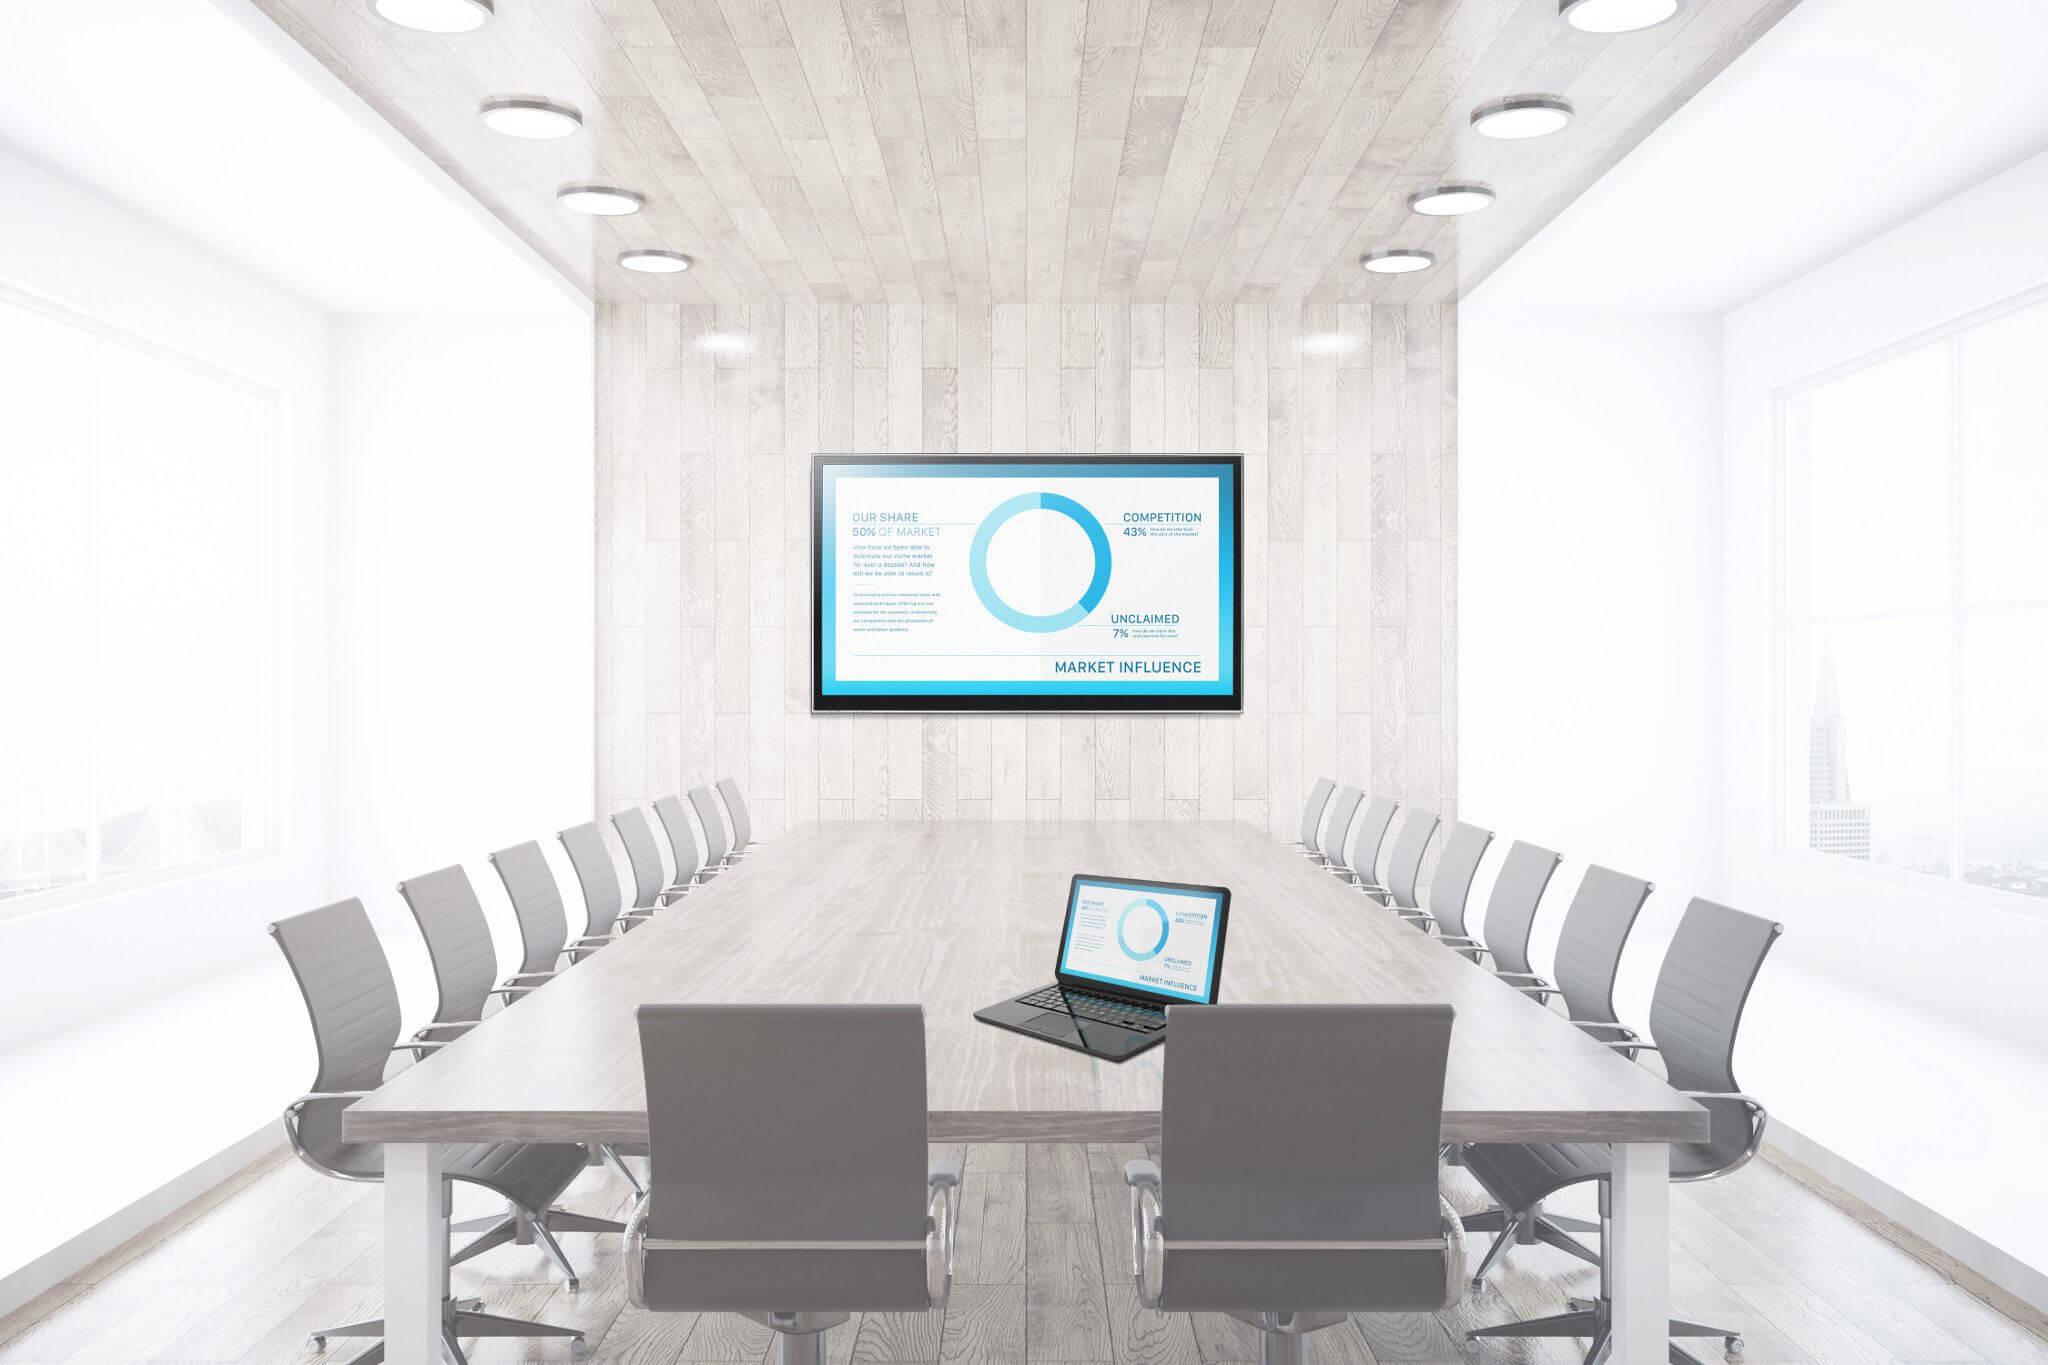 Conference Room AV technology